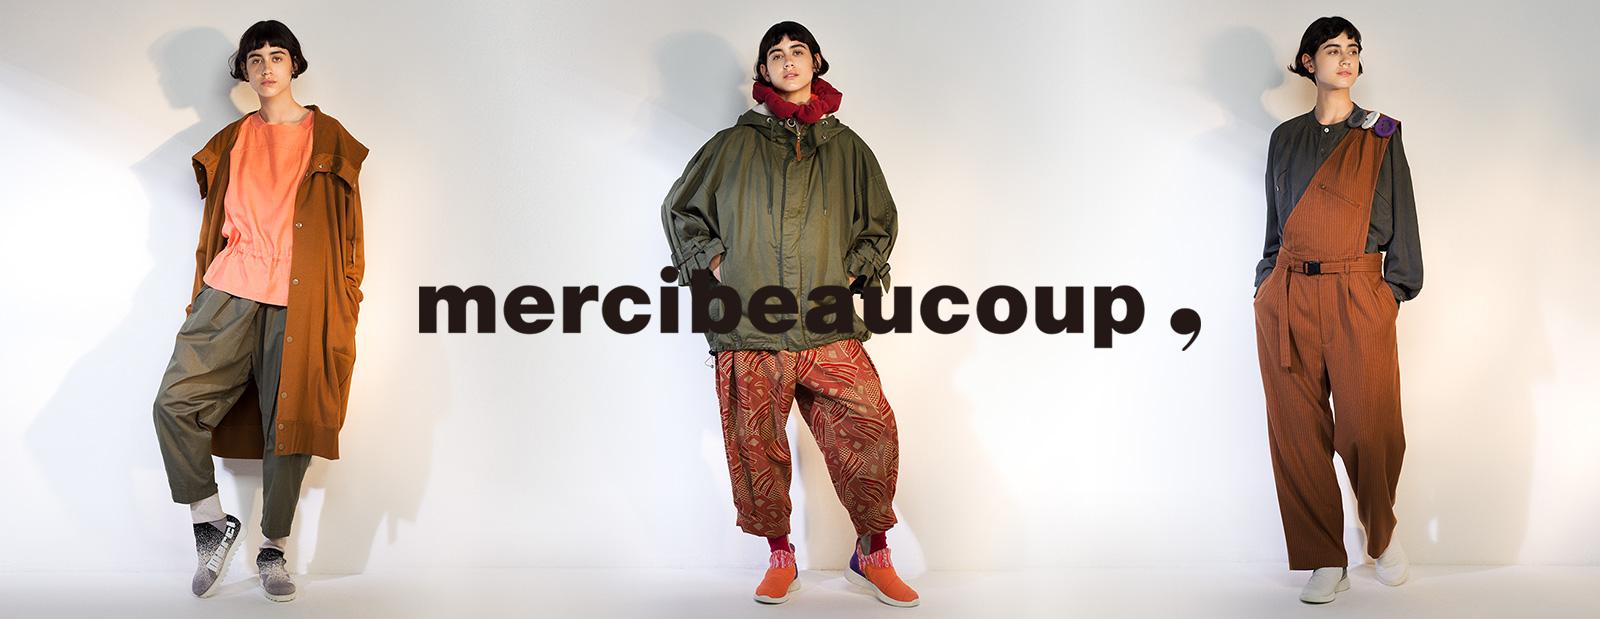 mercibeaucoup,